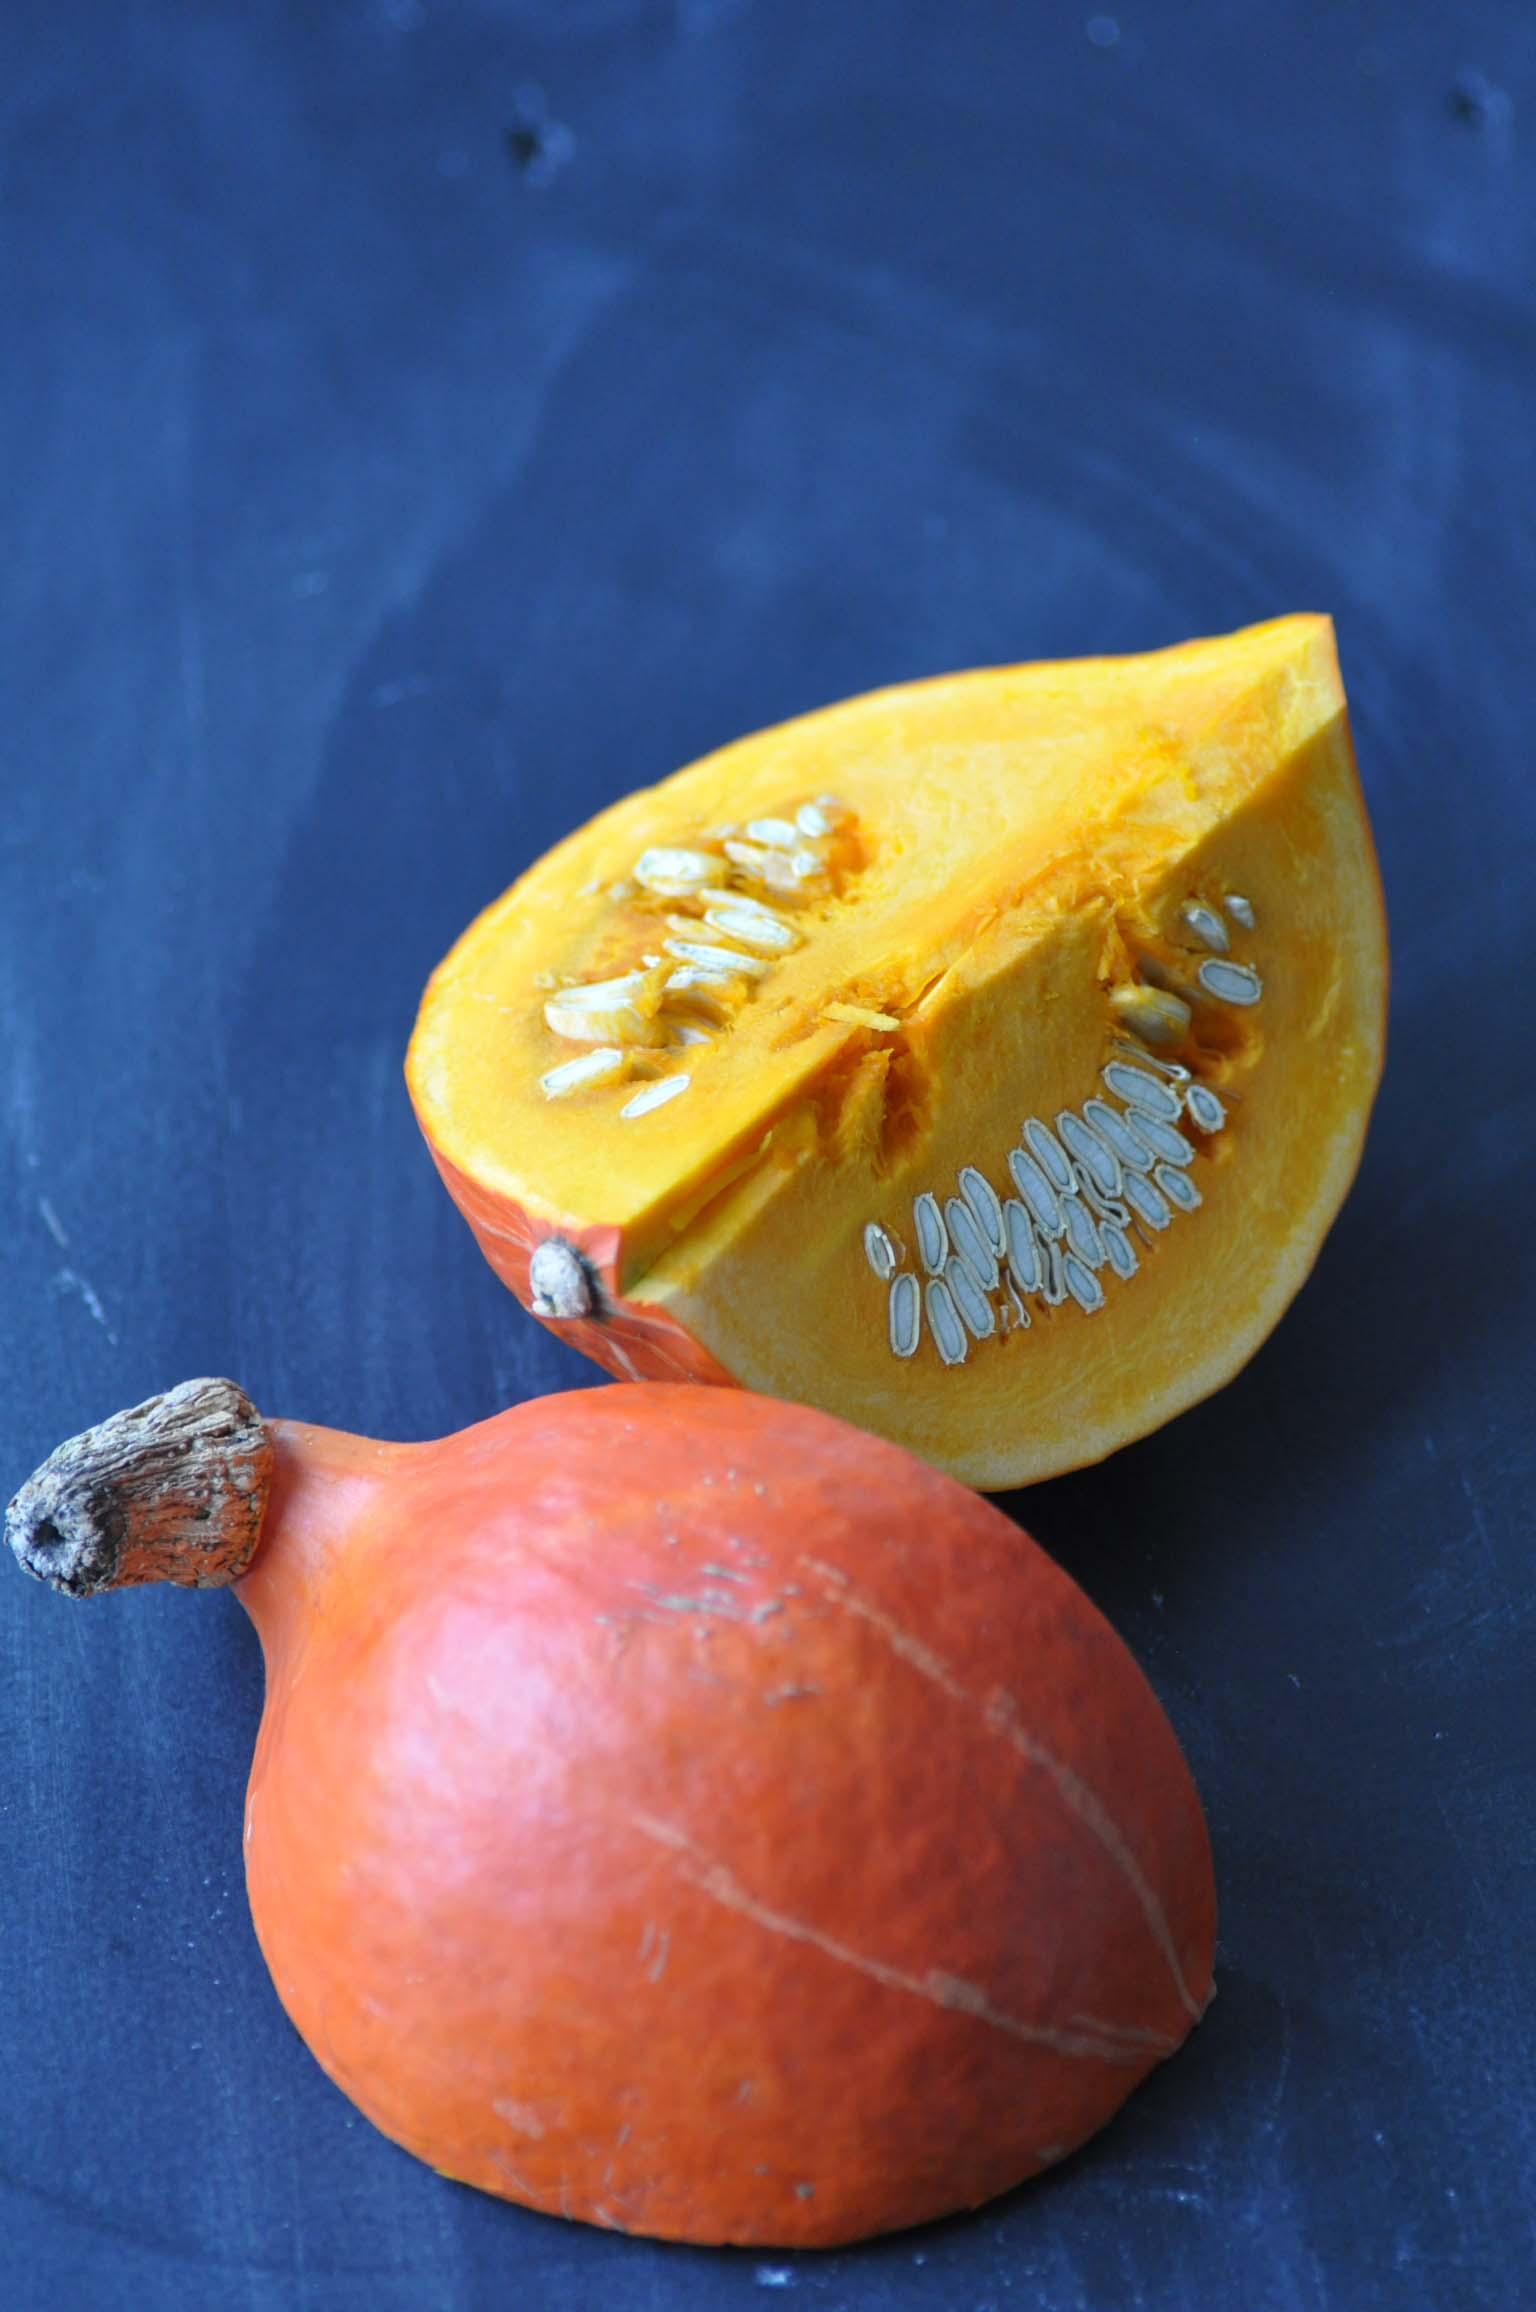 pumpkin_bearbeitet-1